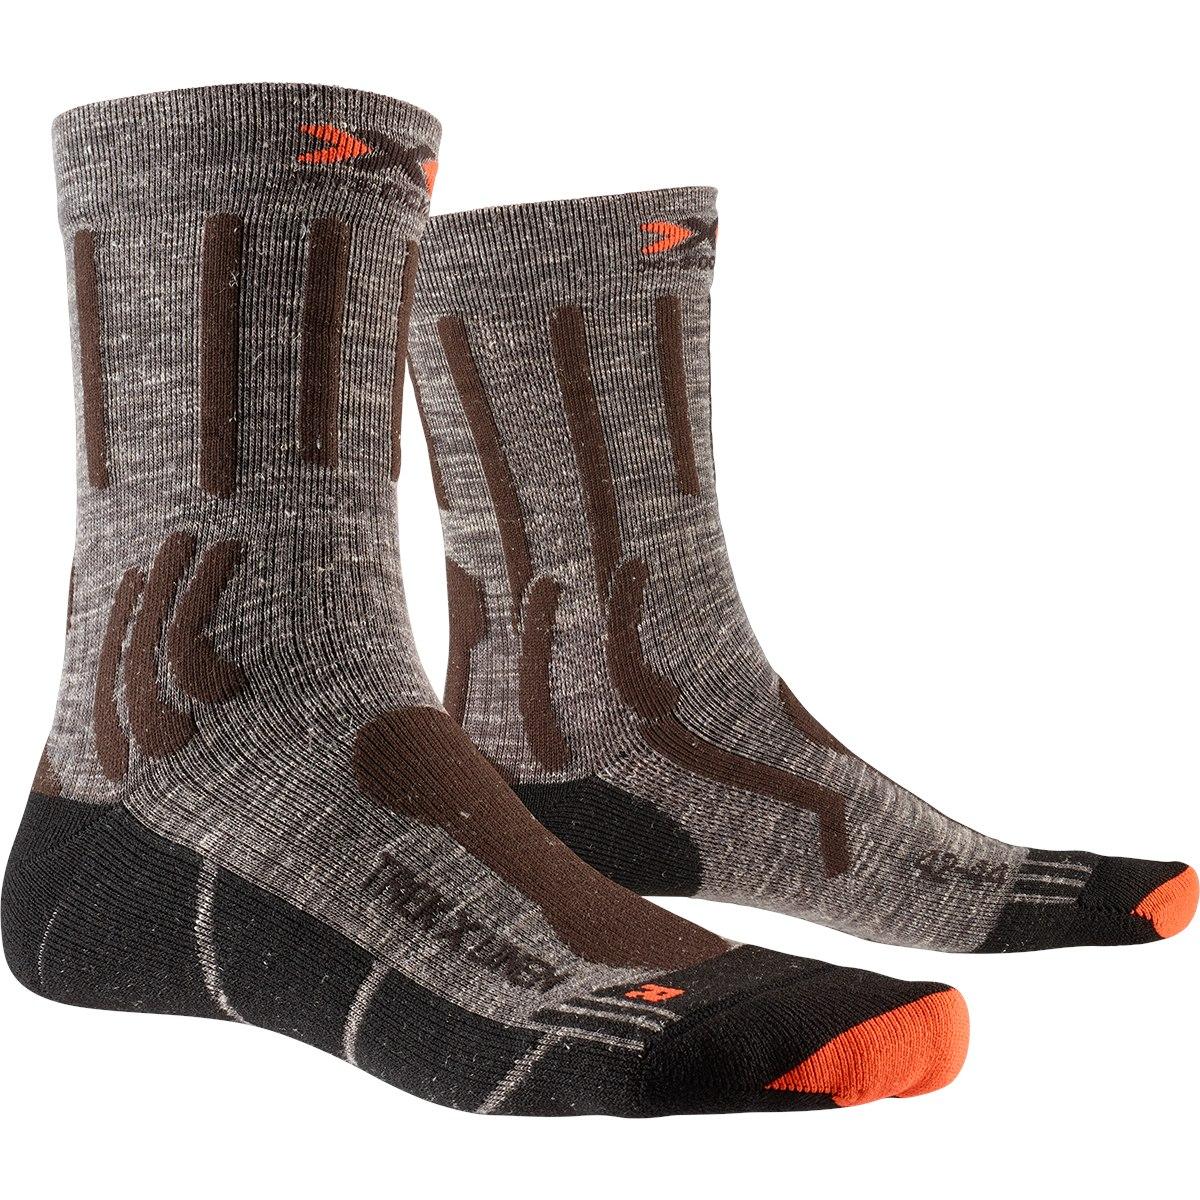 Bild von X-Socks Trek X Linen Socken - suede melange/x-orange/black